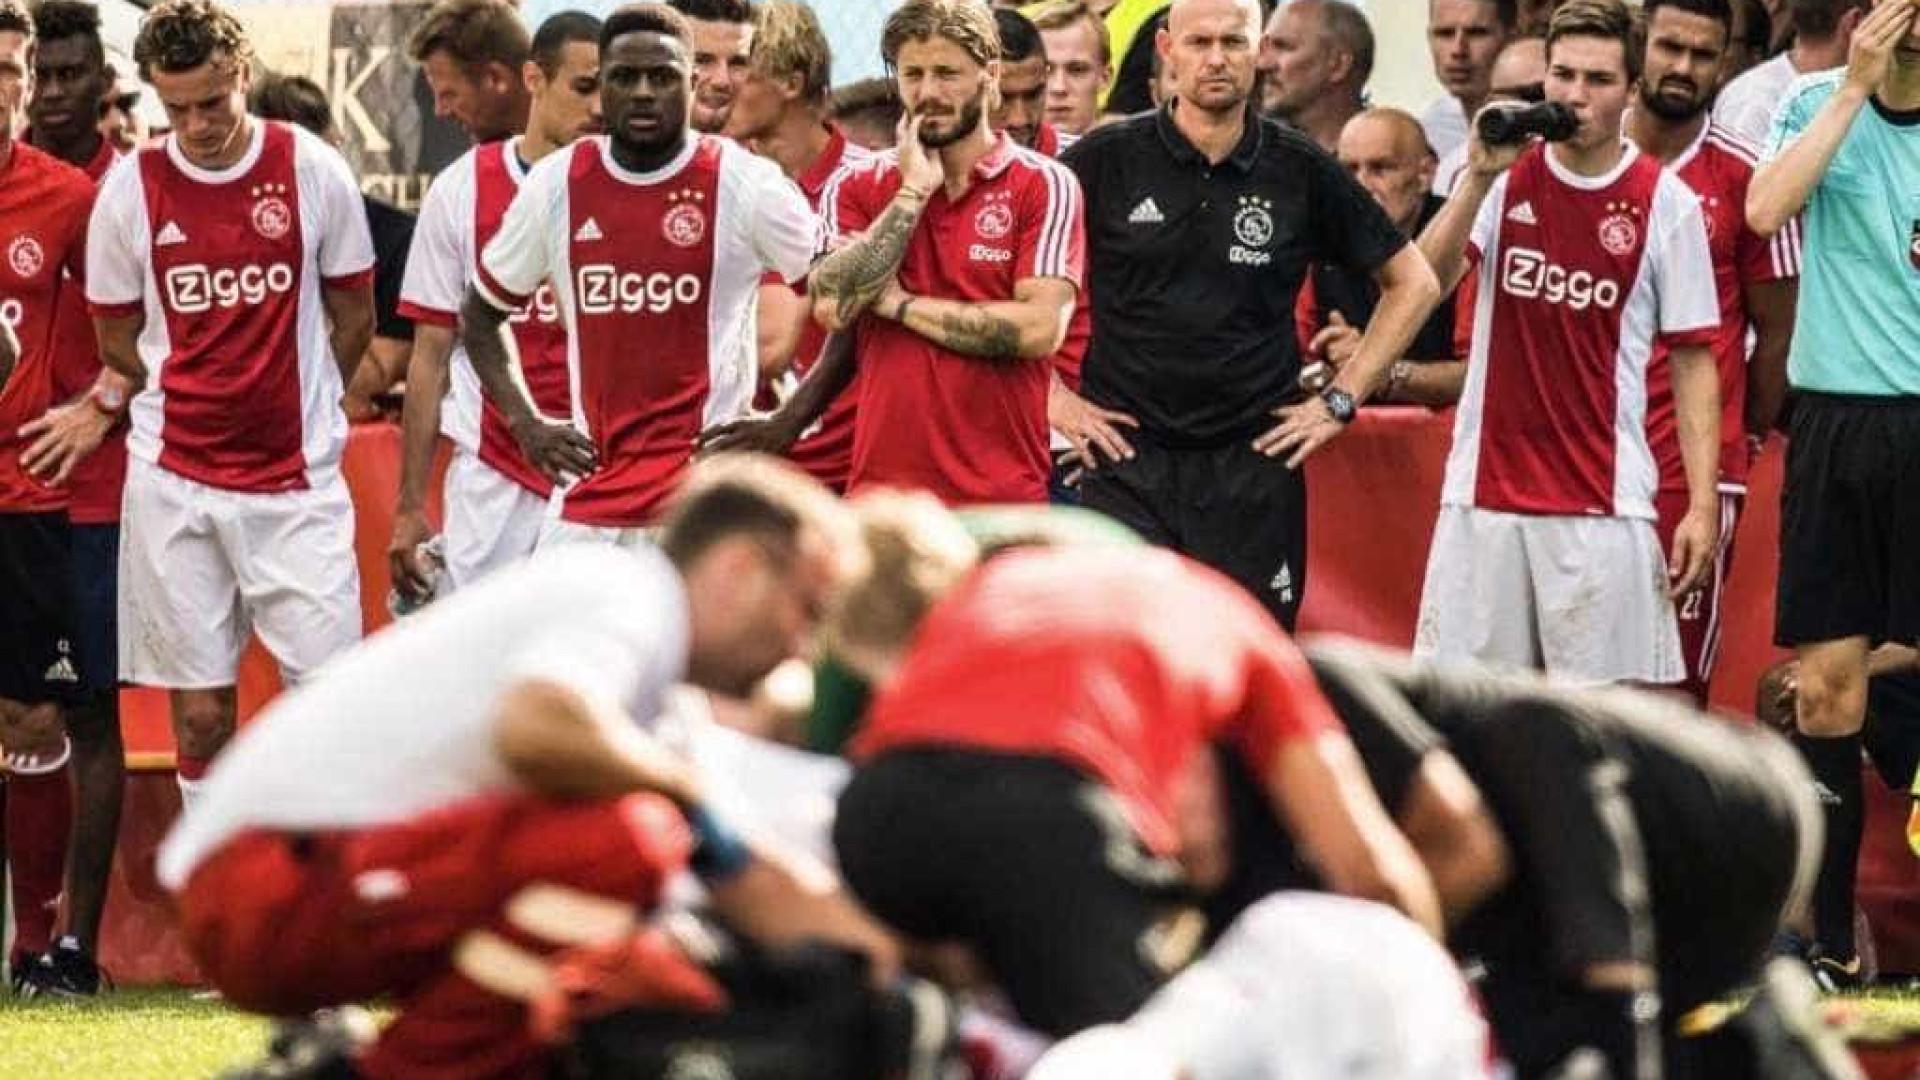 Jogador do Ajax causa pânico ao cair inanimado durante um jogo amigável